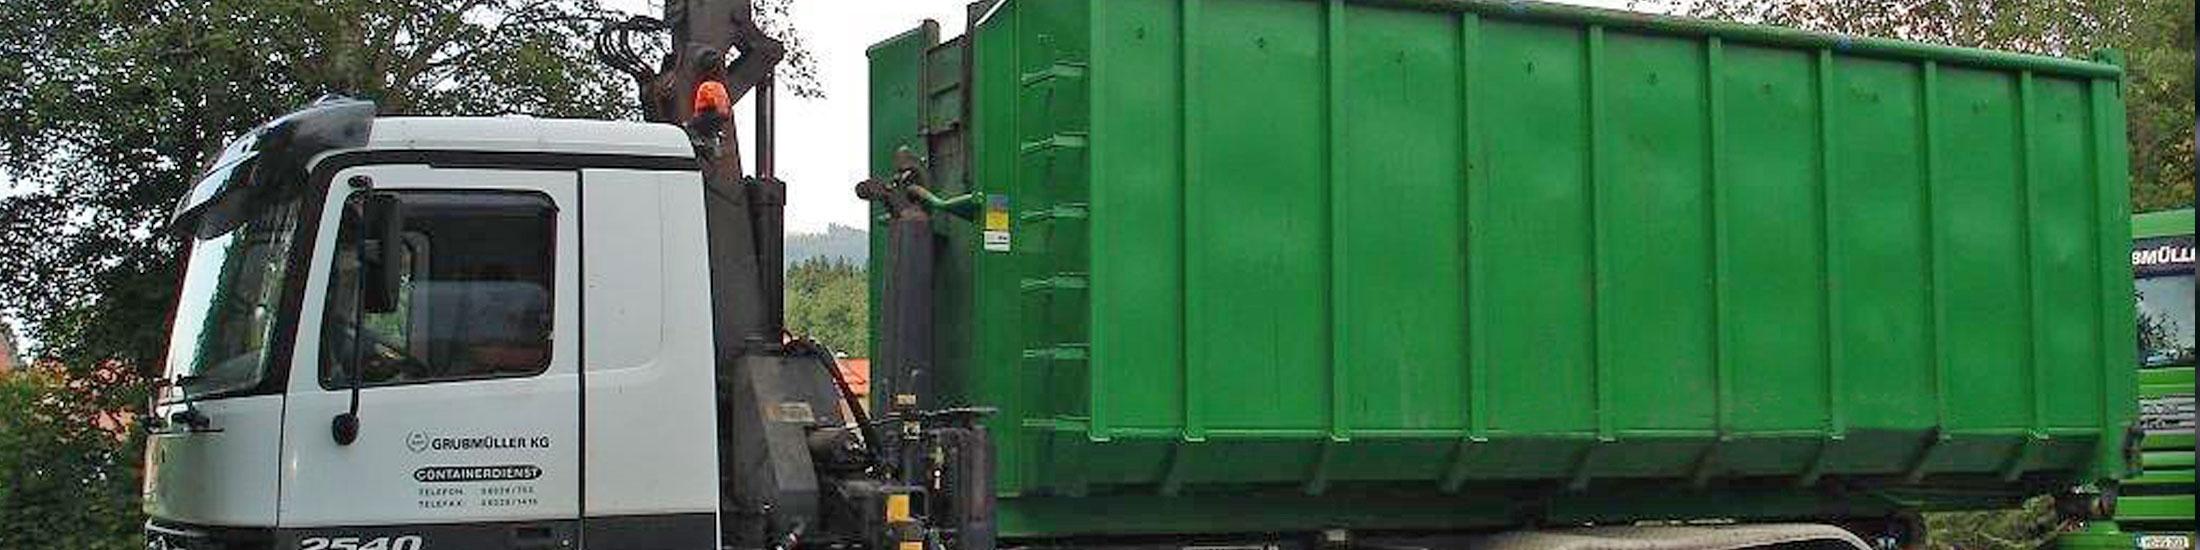 Containerdienst Entsorgung Fischbachau Grubmüller